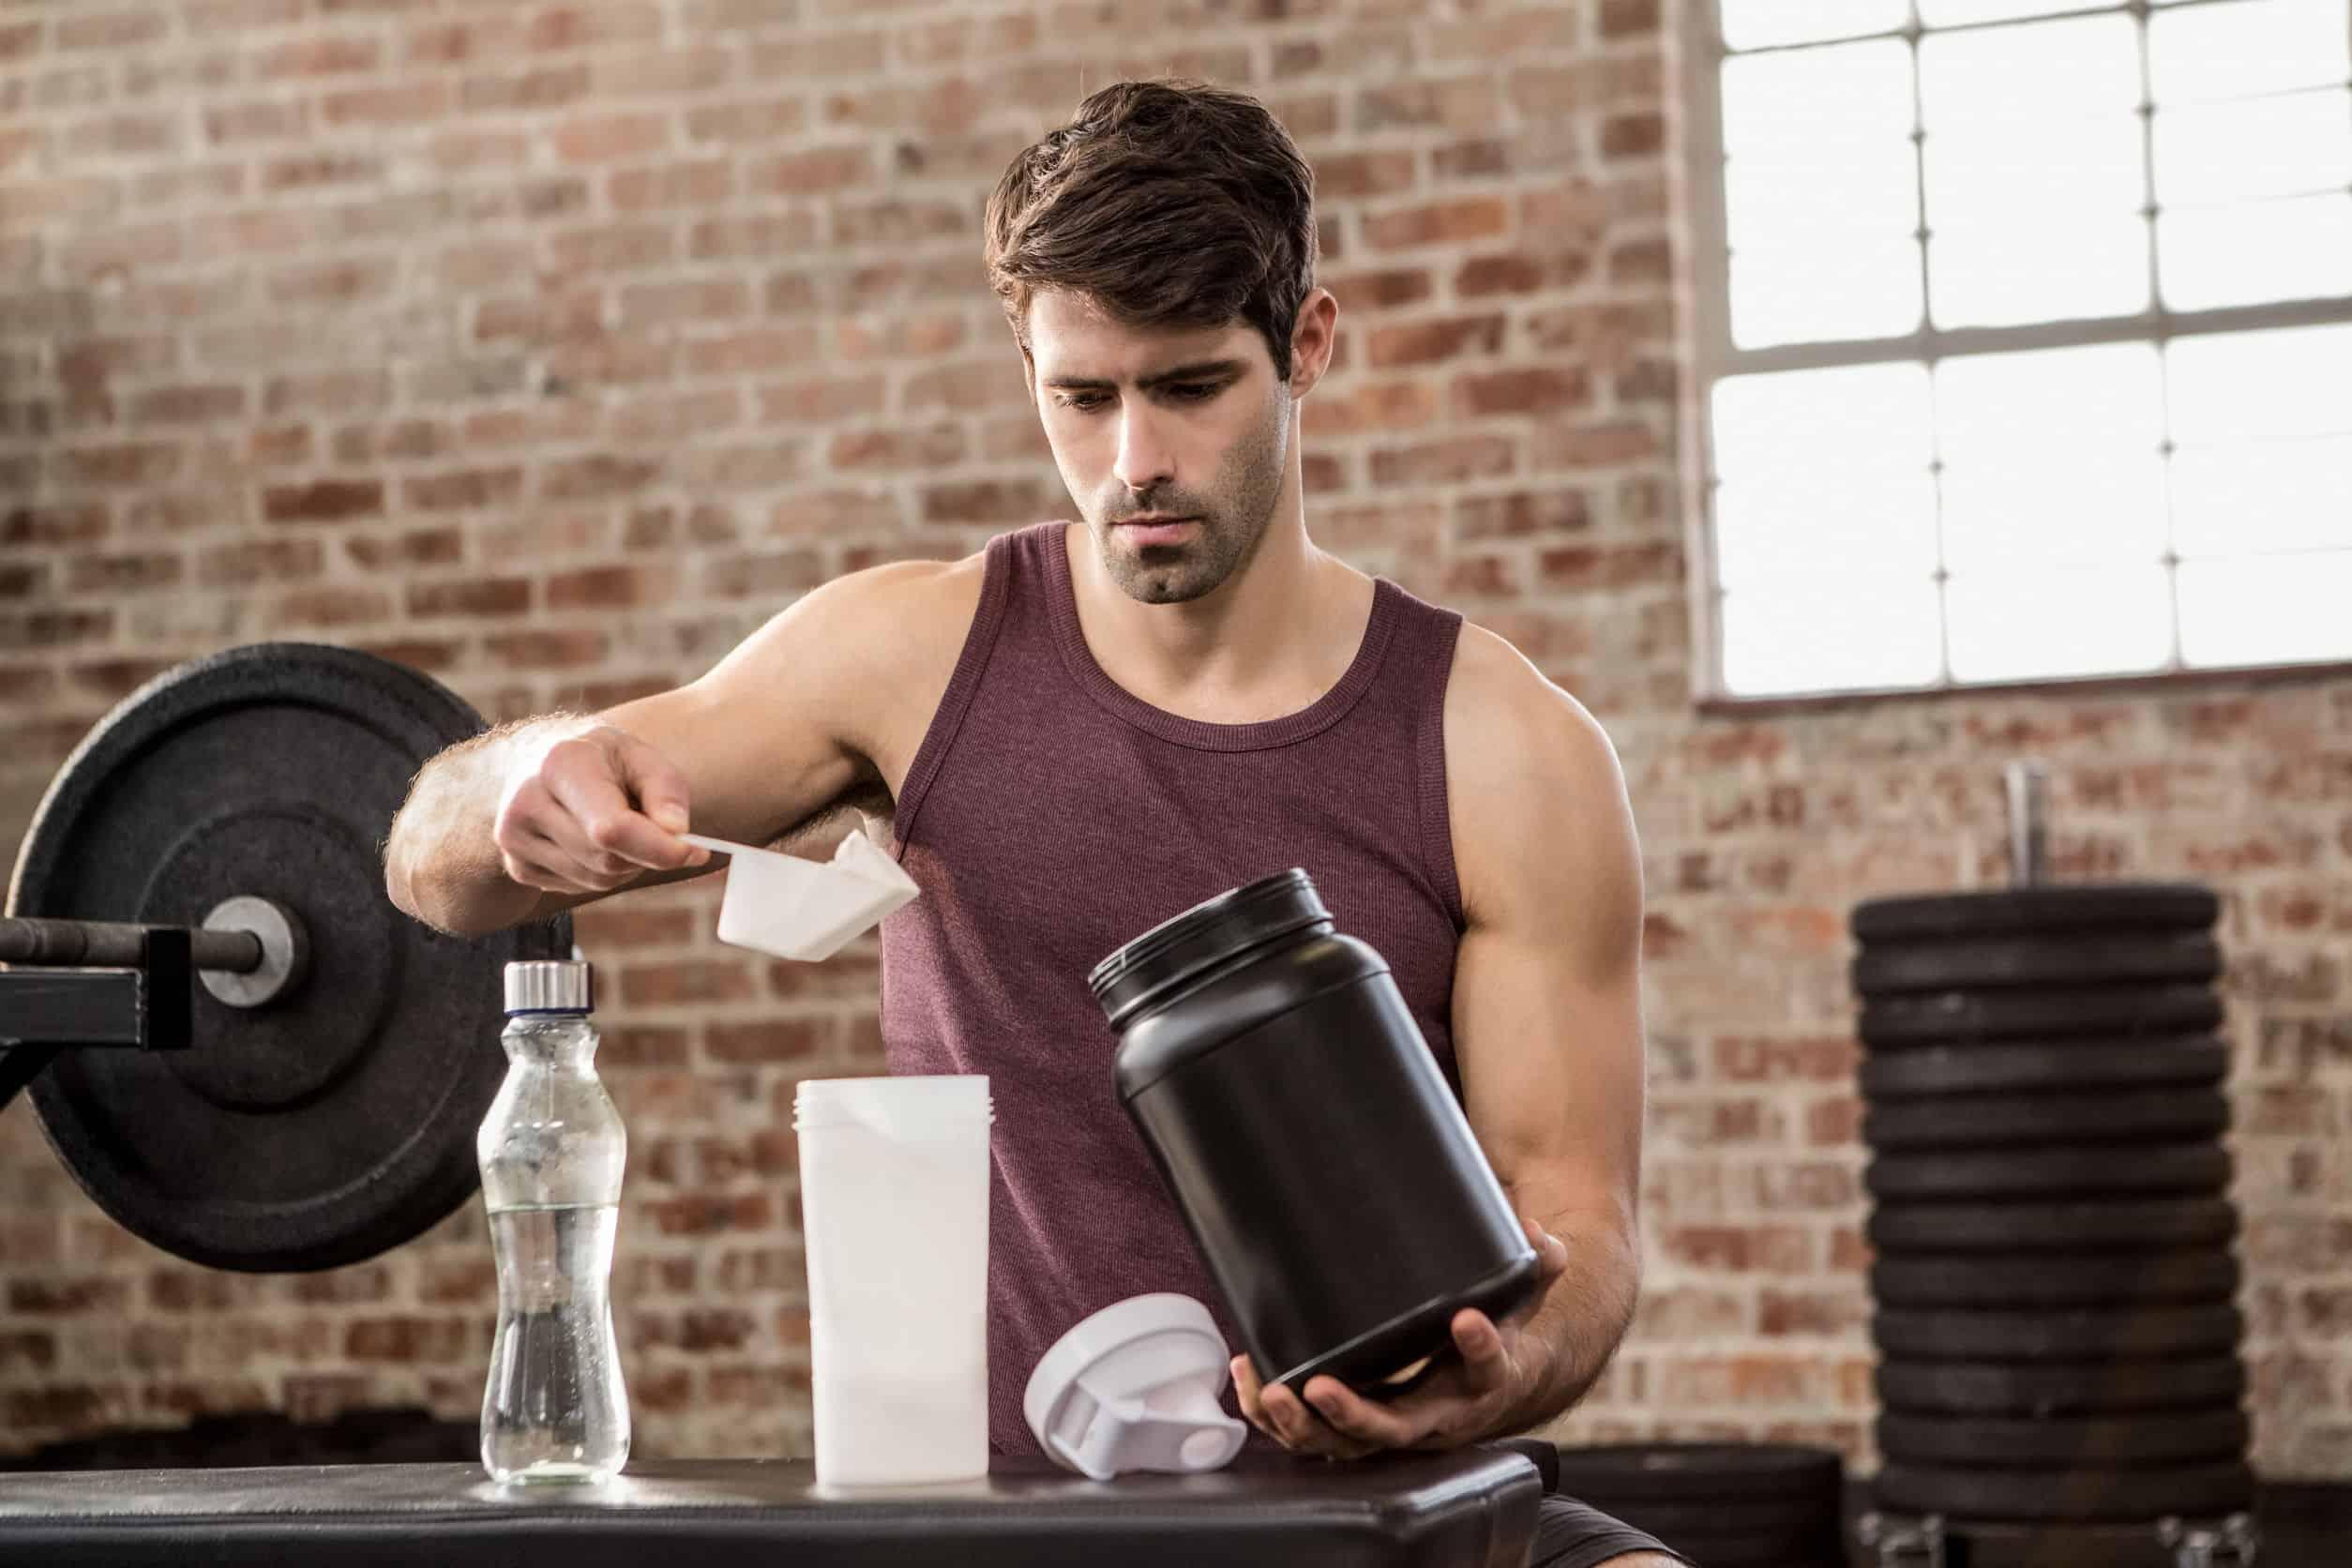 Imagem de um homem preparando um suplemento.